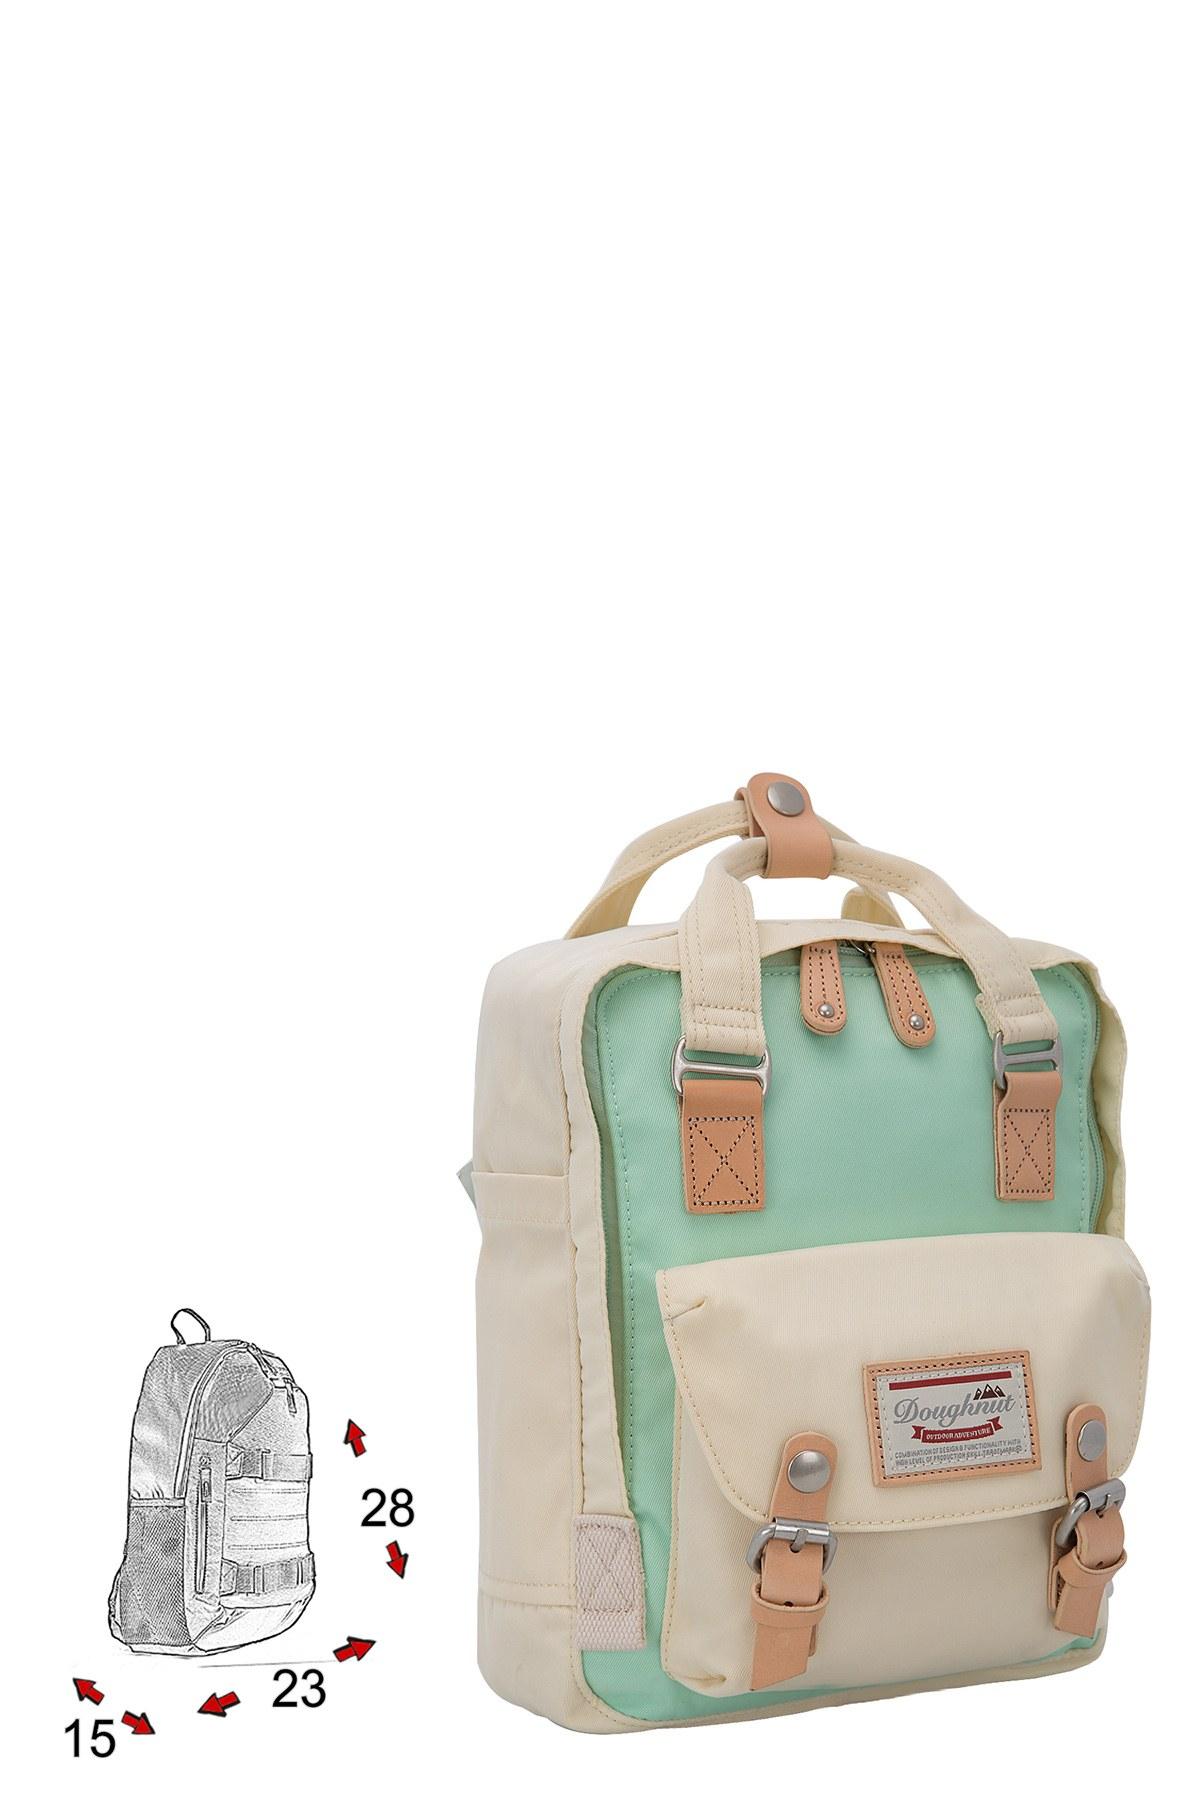 Doughnut Suya Dayanıklı Kadın Çanta D124 3802 F BEJ